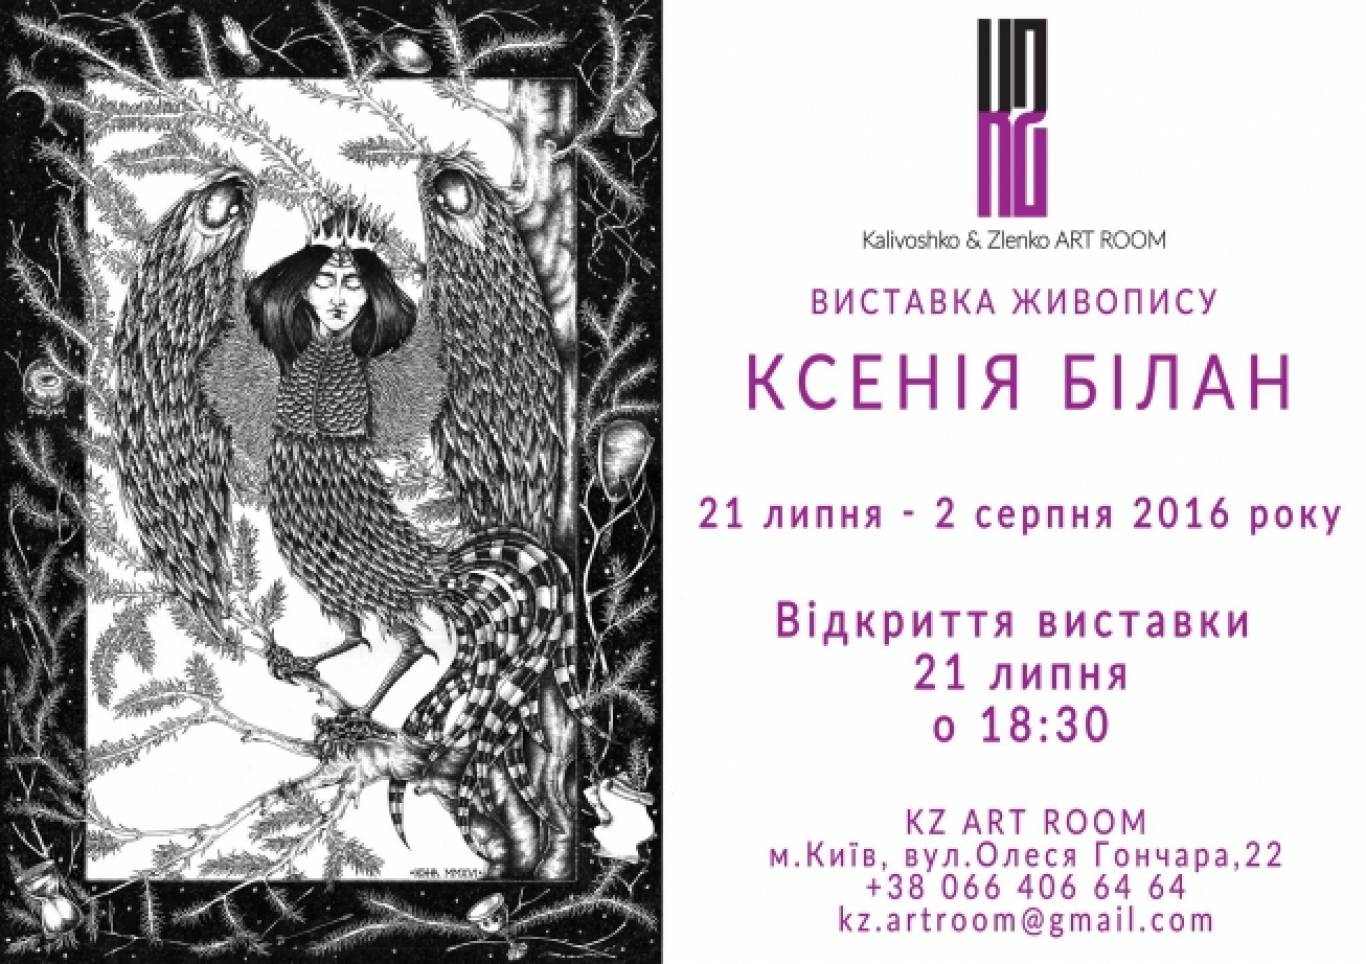 Персональна виставка графіки Ксенії Білан